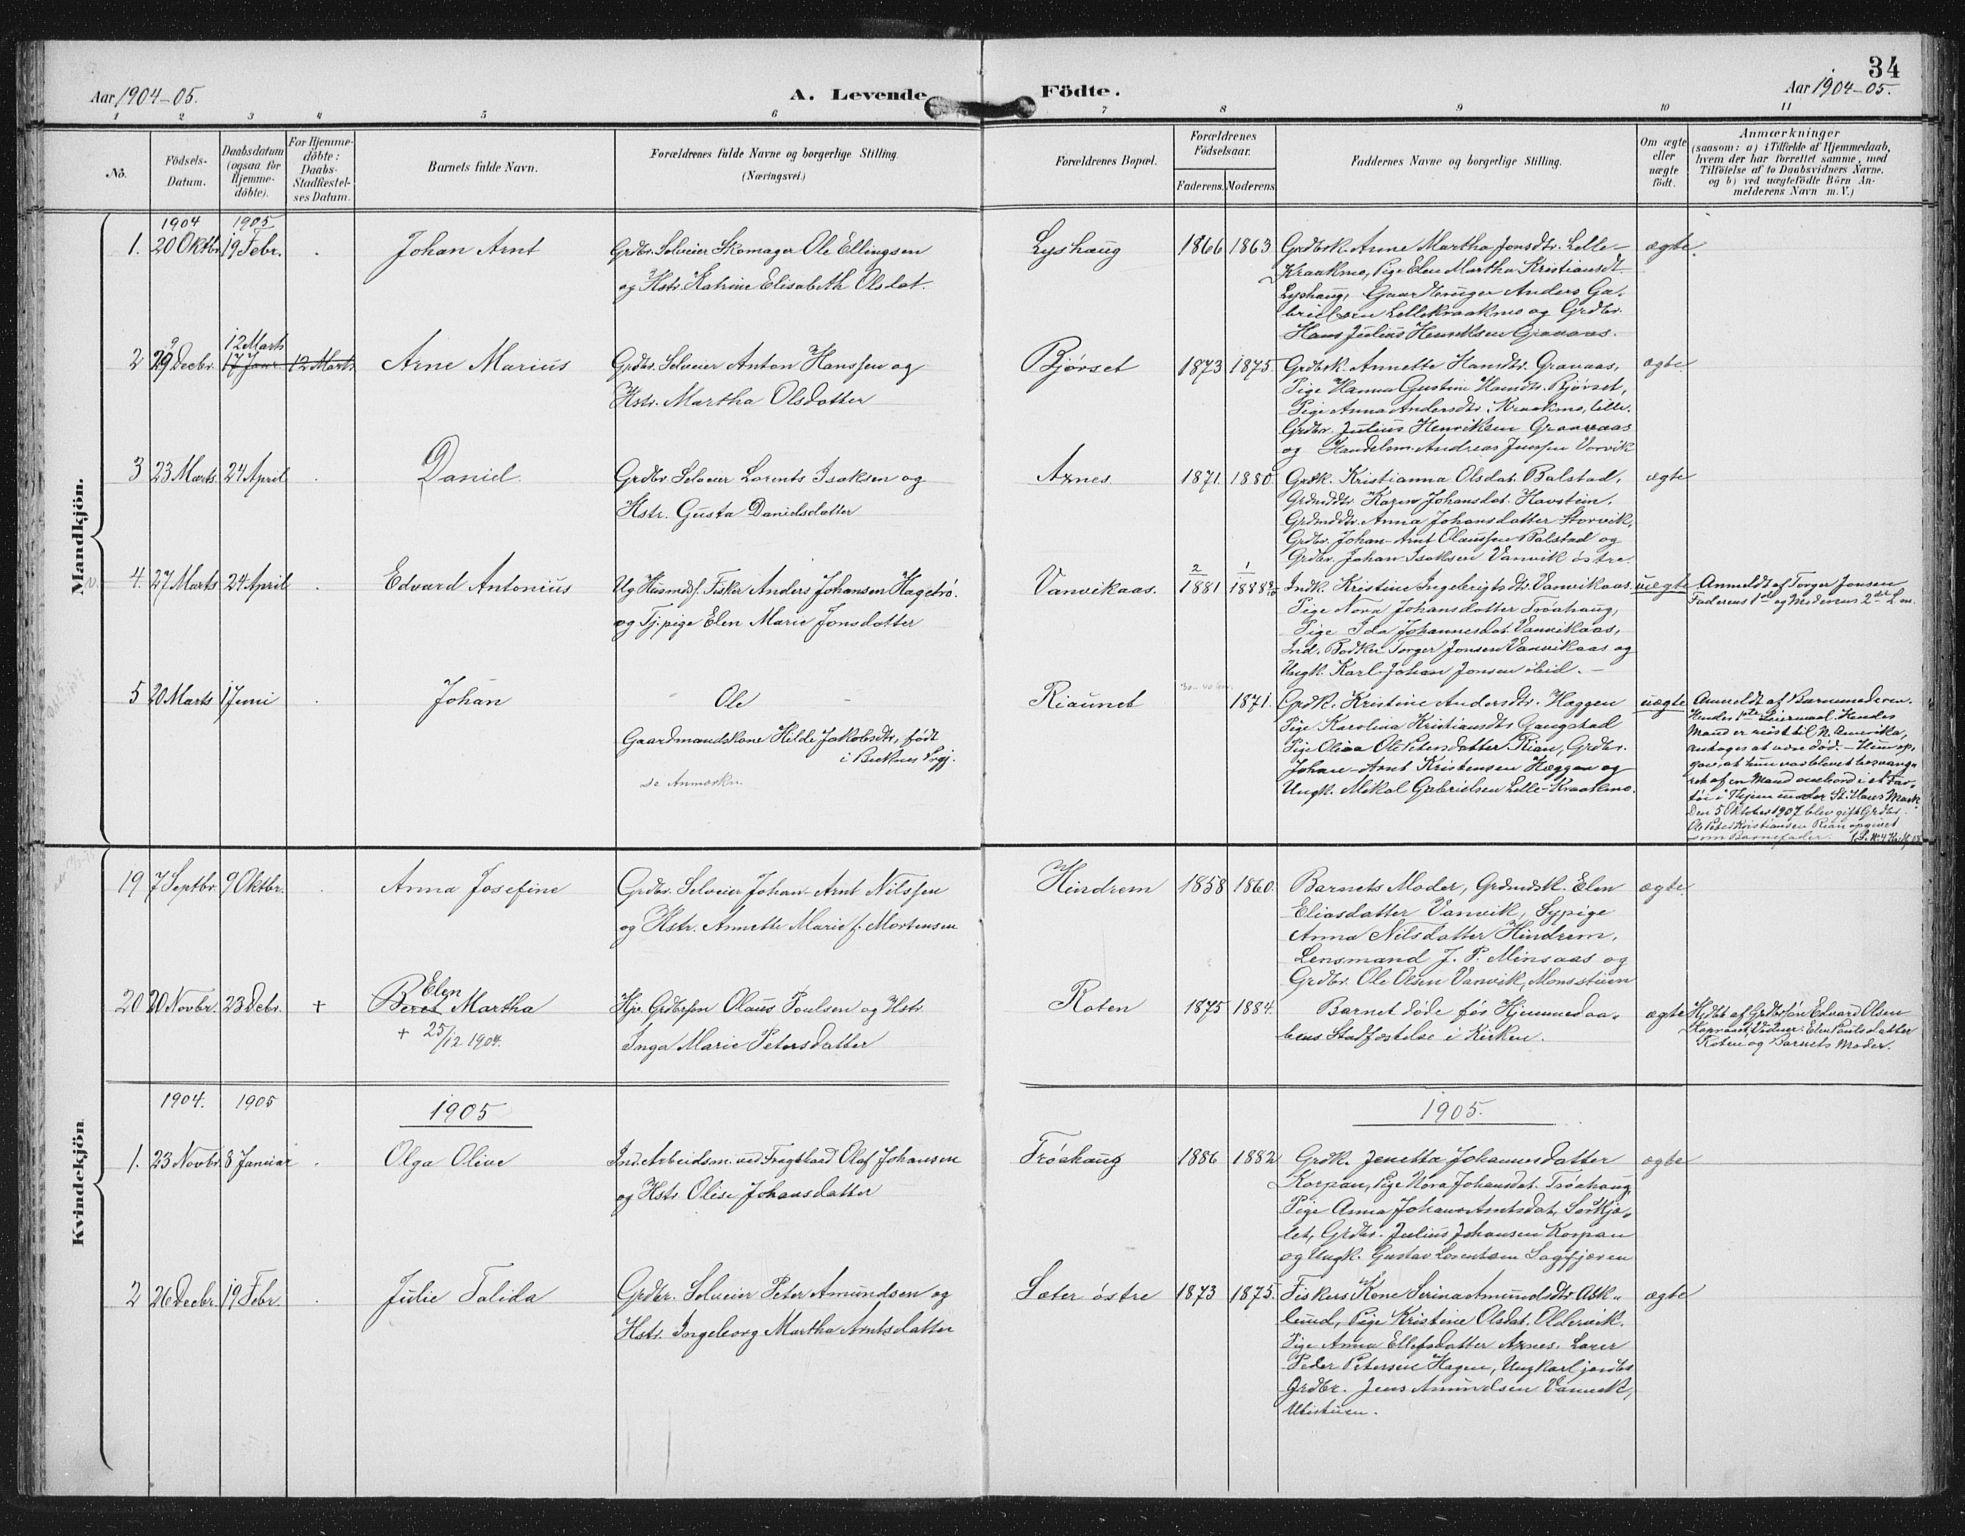 SAT, Ministerialprotokoller, klokkerbøker og fødselsregistre - Nord-Trøndelag, 702/L0024: Ministerialbok nr. 702A02, 1898-1914, s. 34